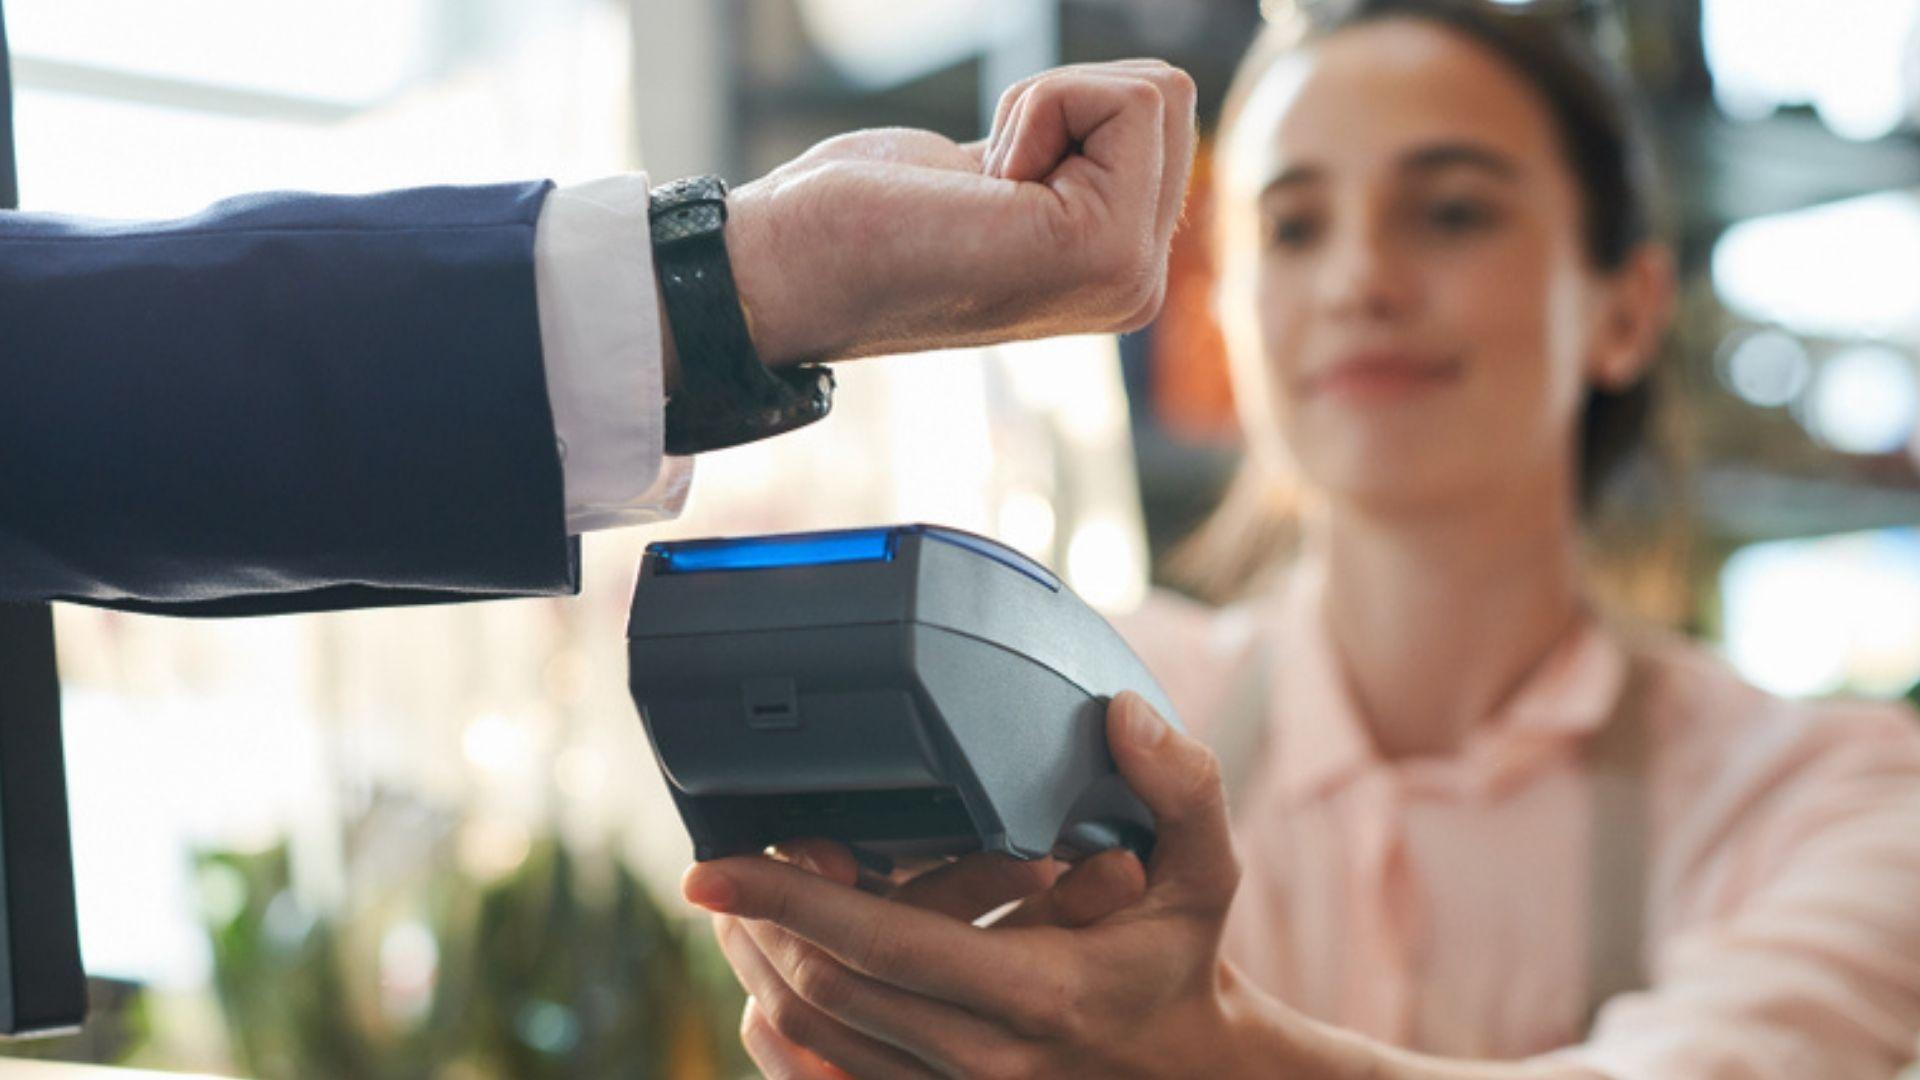 Alguns smartwatches também podem ser usados para pagamentos por aproximação (Foto: Shutterstock)